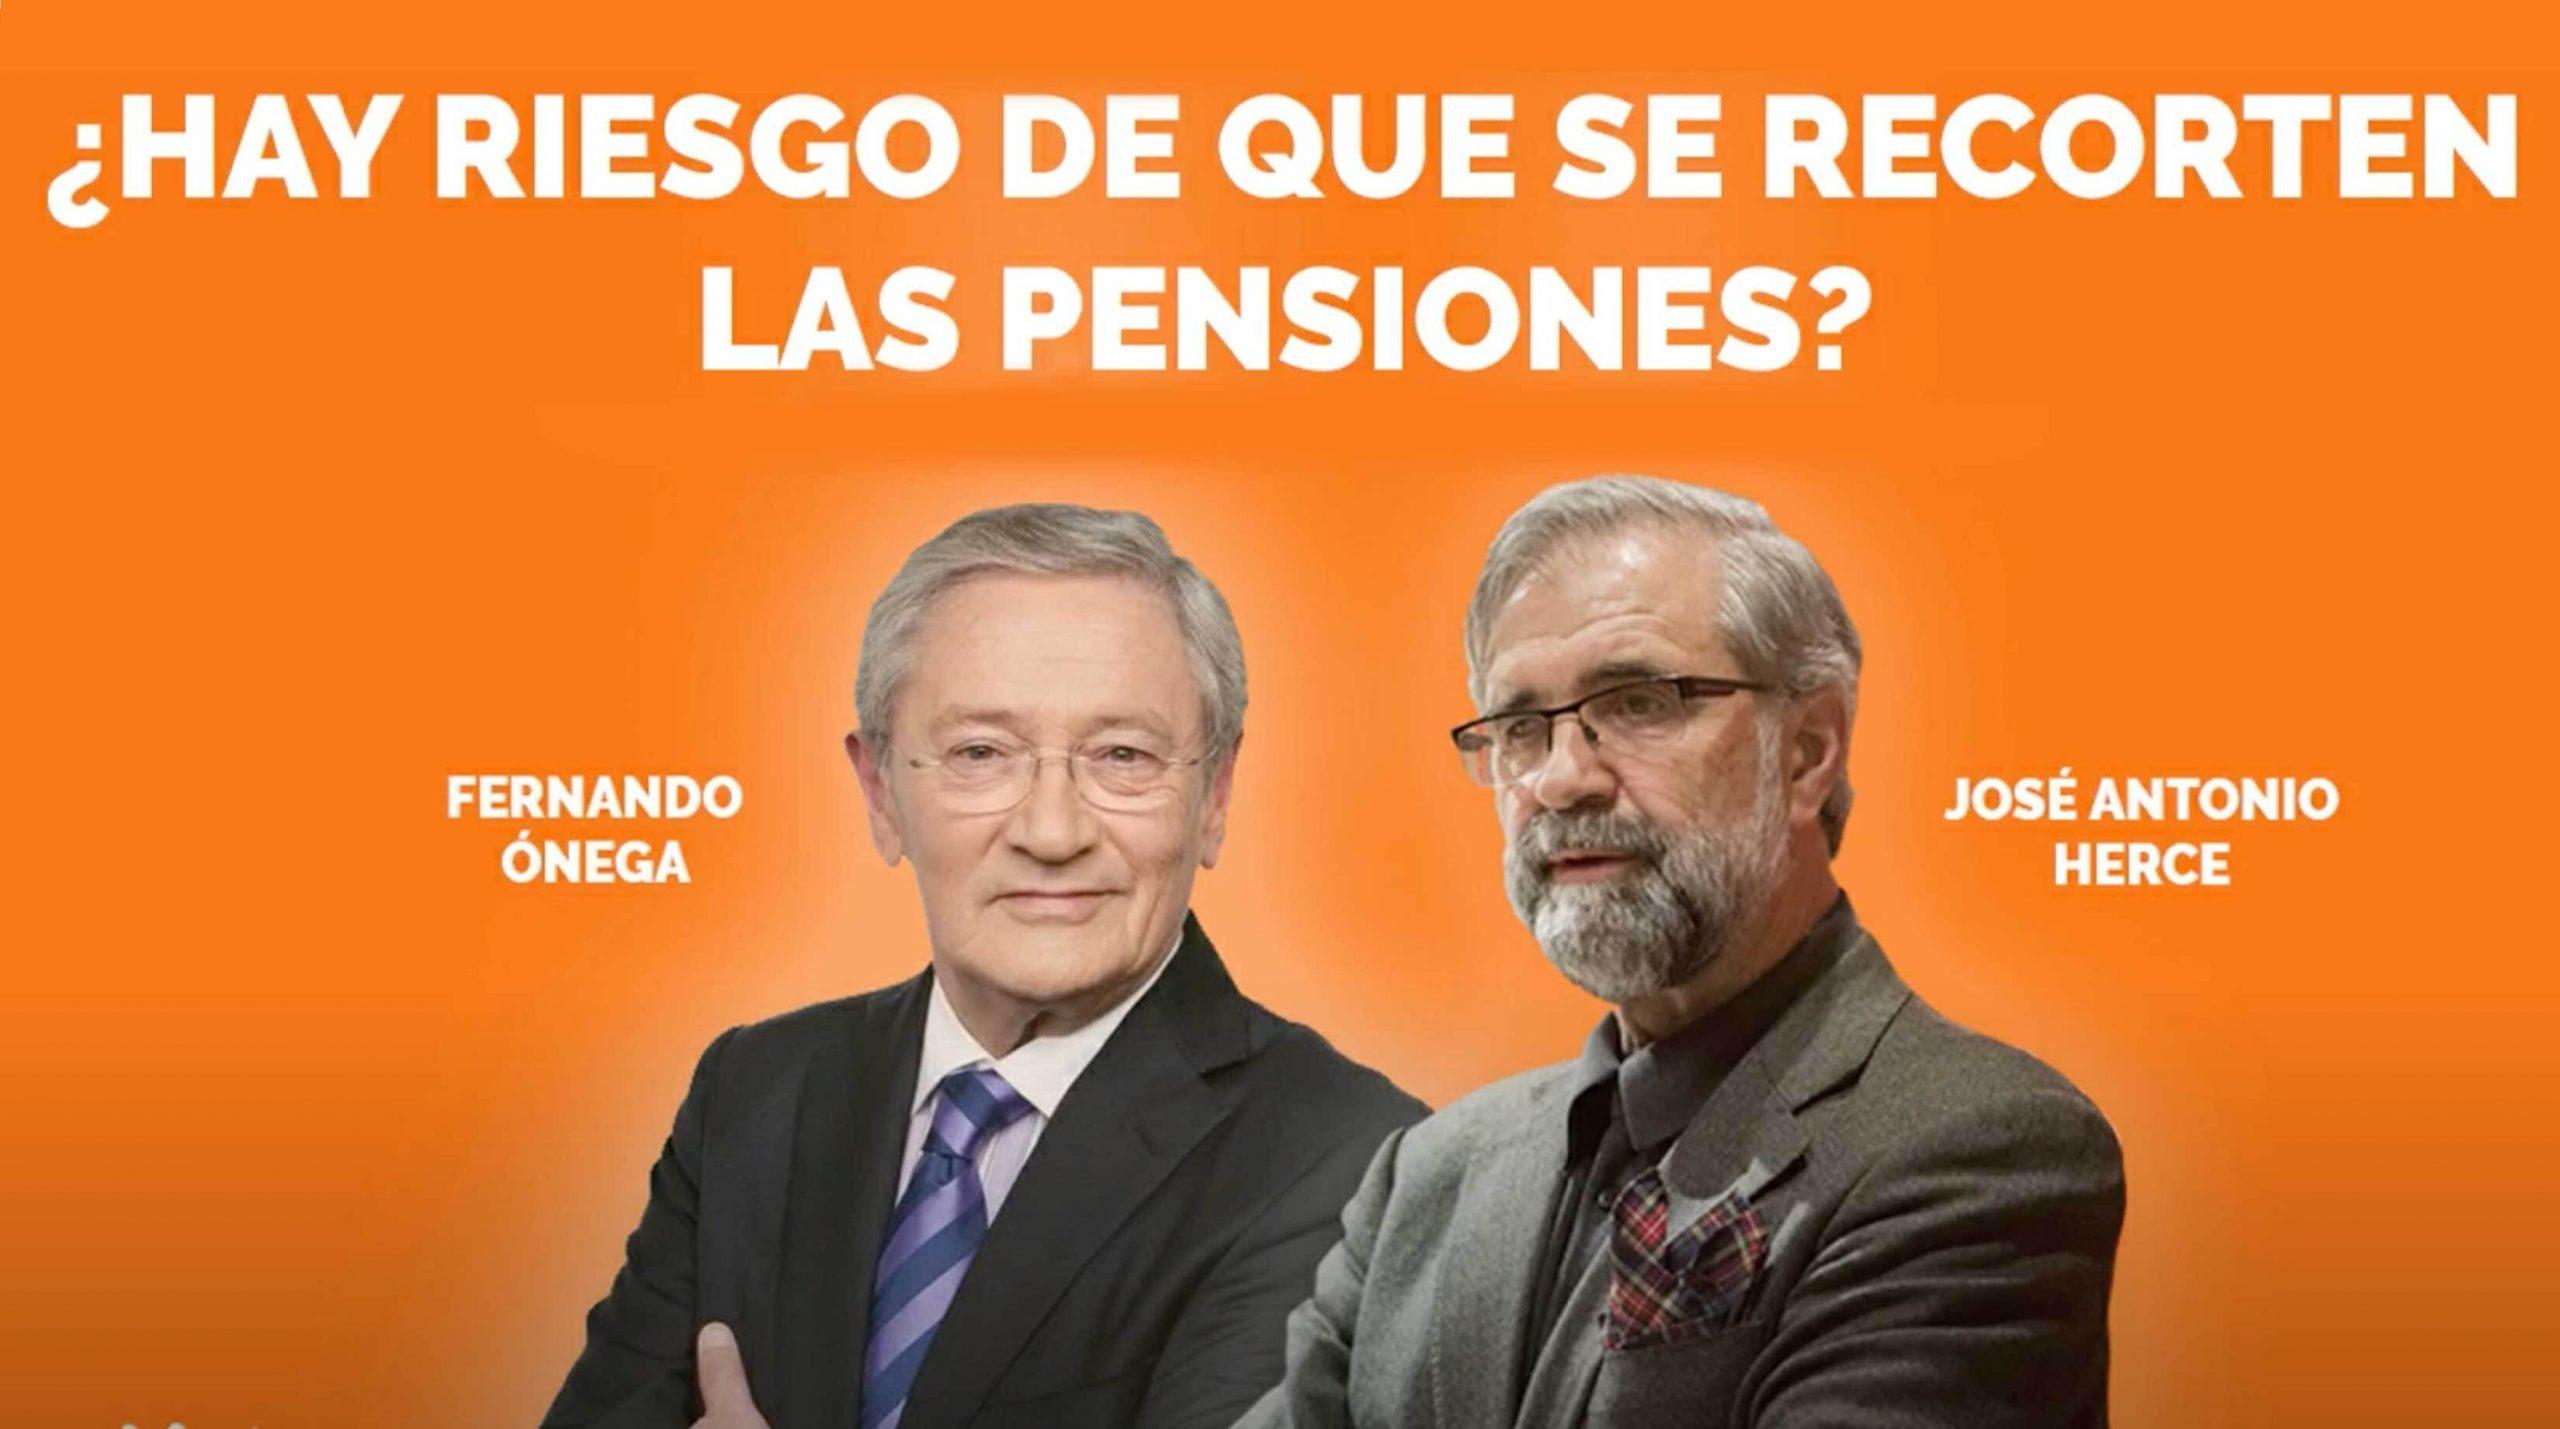 futuro-de-las-pensiones-herce